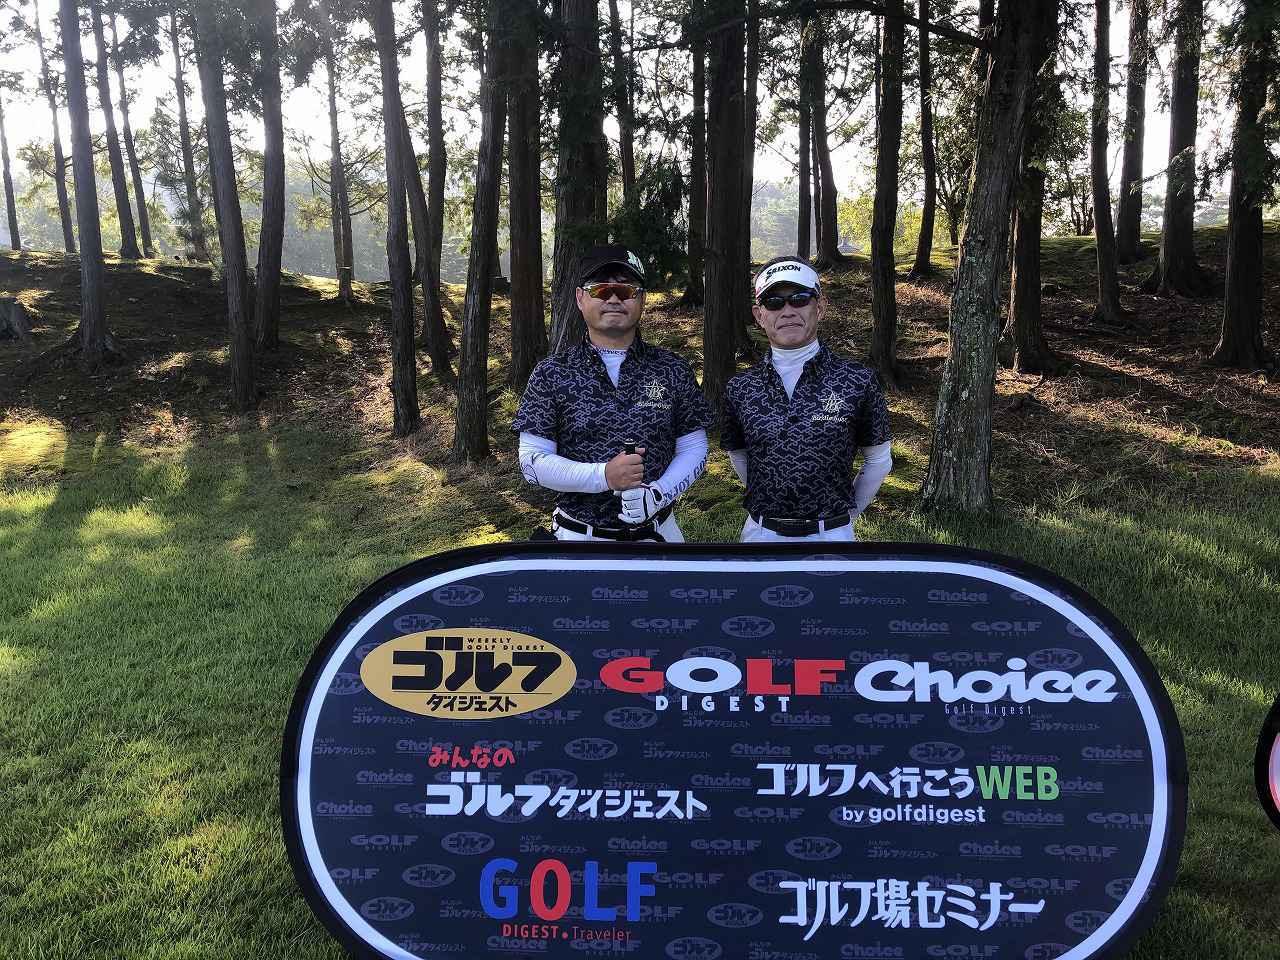 画像6: 全日本ダブルス結果! 2020年8月25日 関西B大会 ABCゴルフ倶楽部